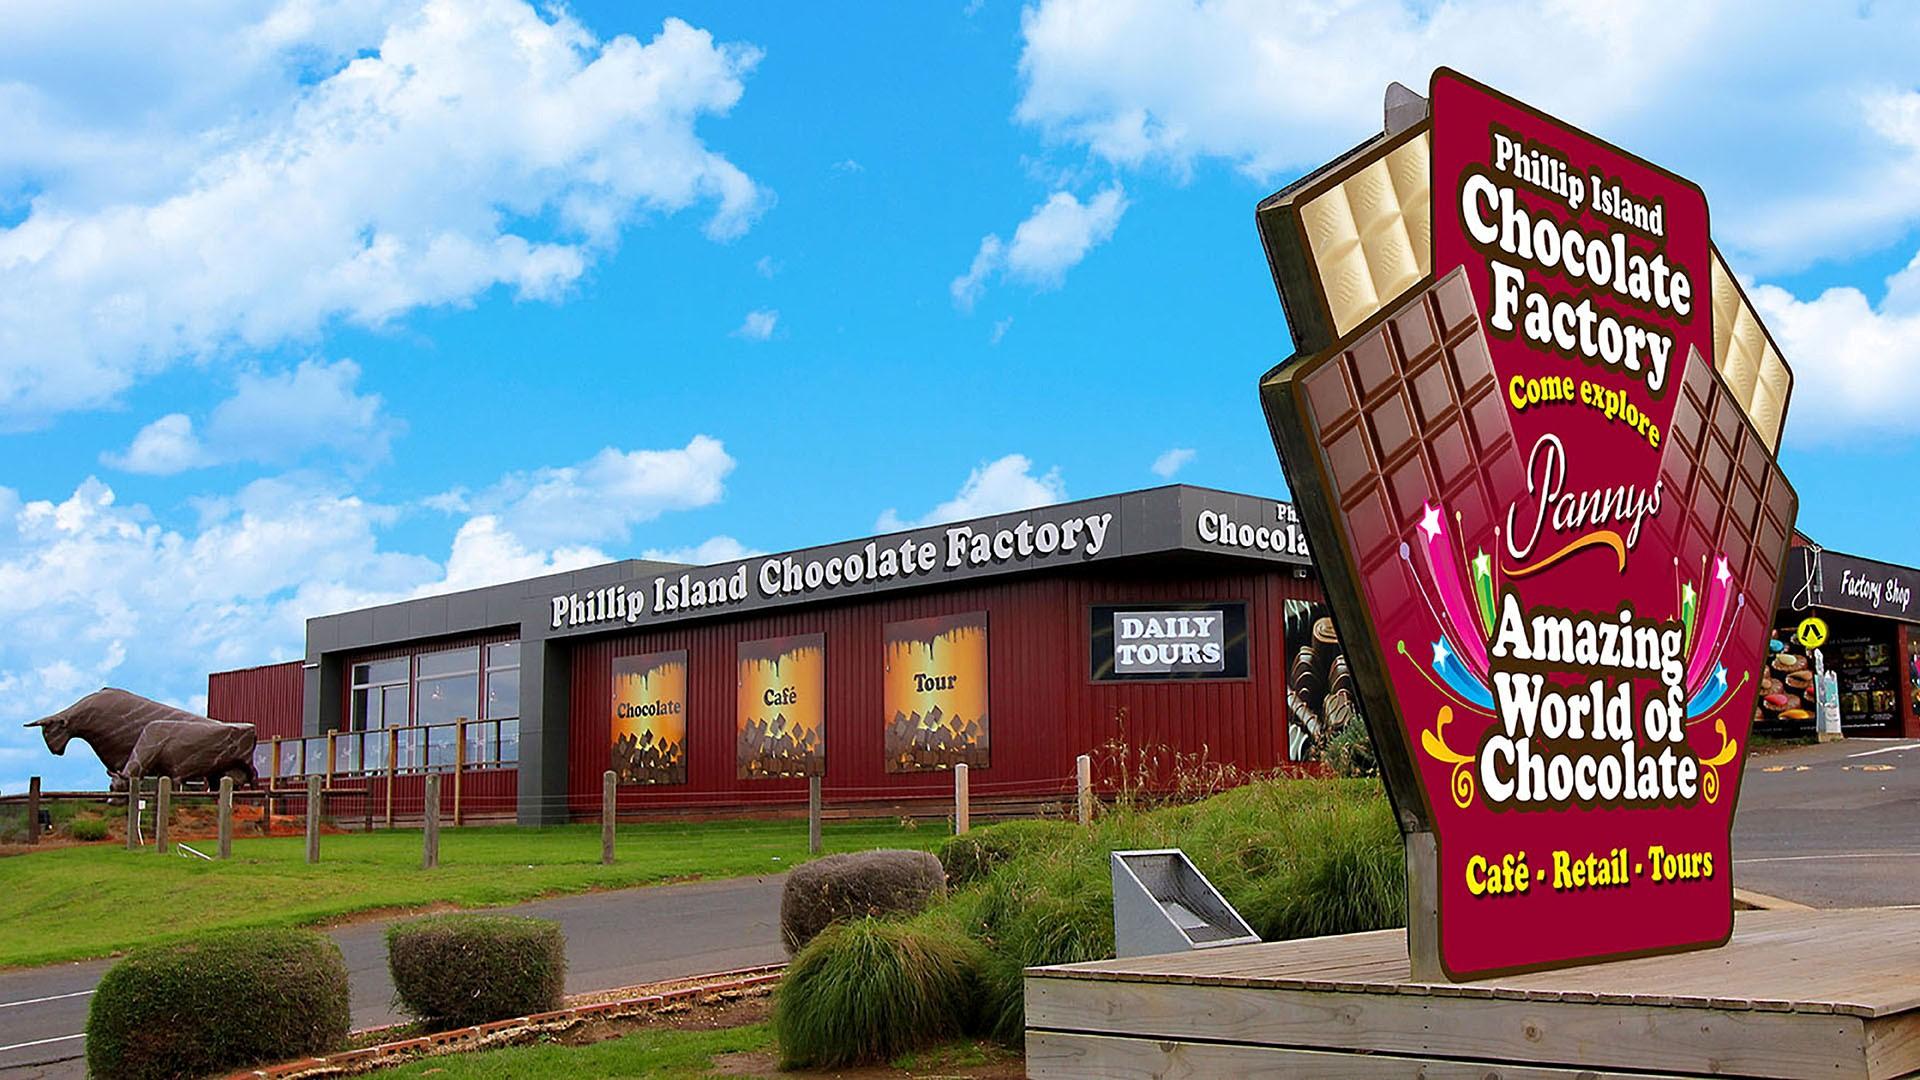 潘尼巧克力工廠門票